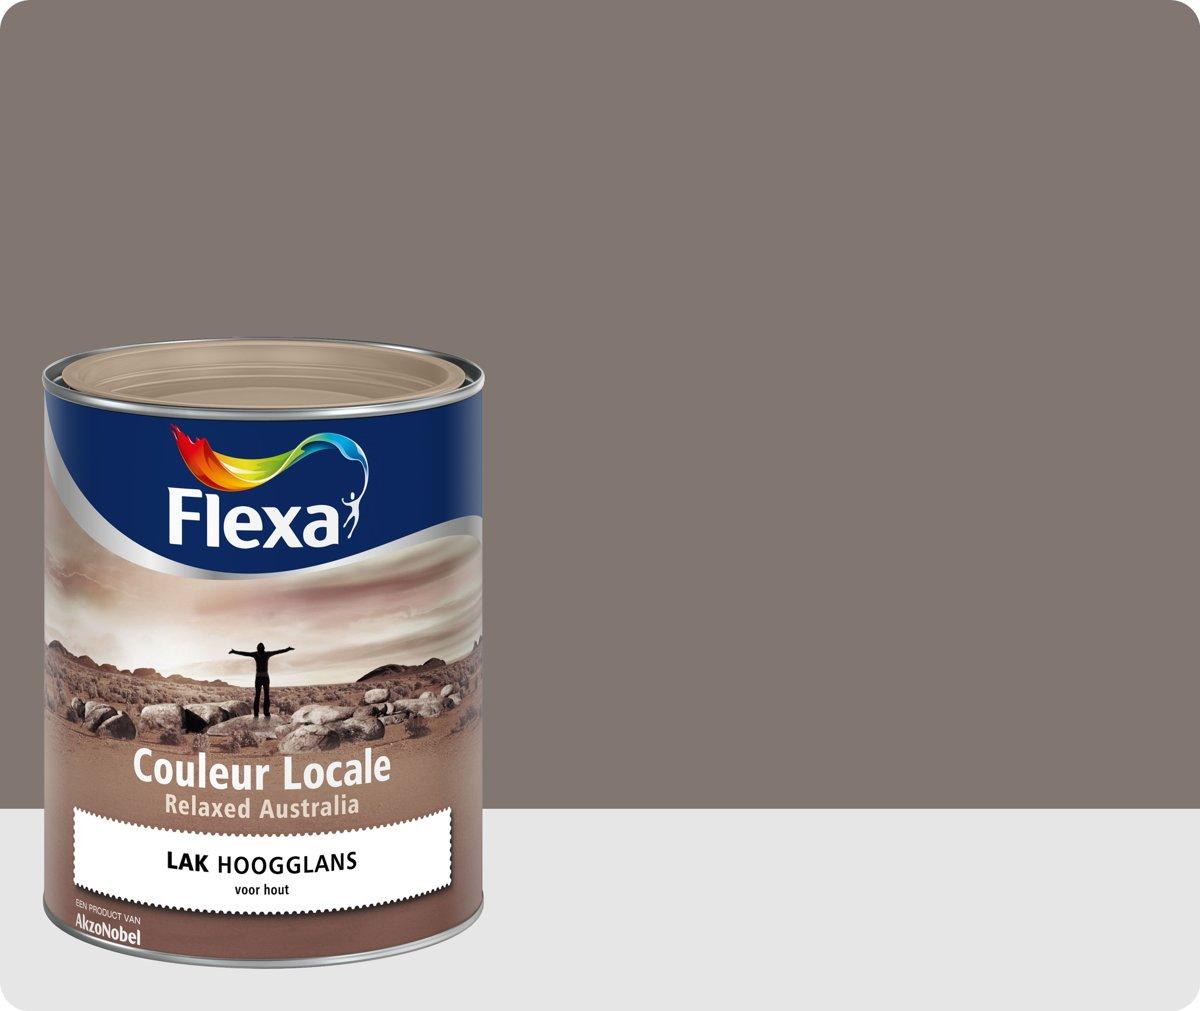 flexa early dew kopen : Bol Com Flexa Grijs Verfspullen Kopen Alle Verfspullen Online